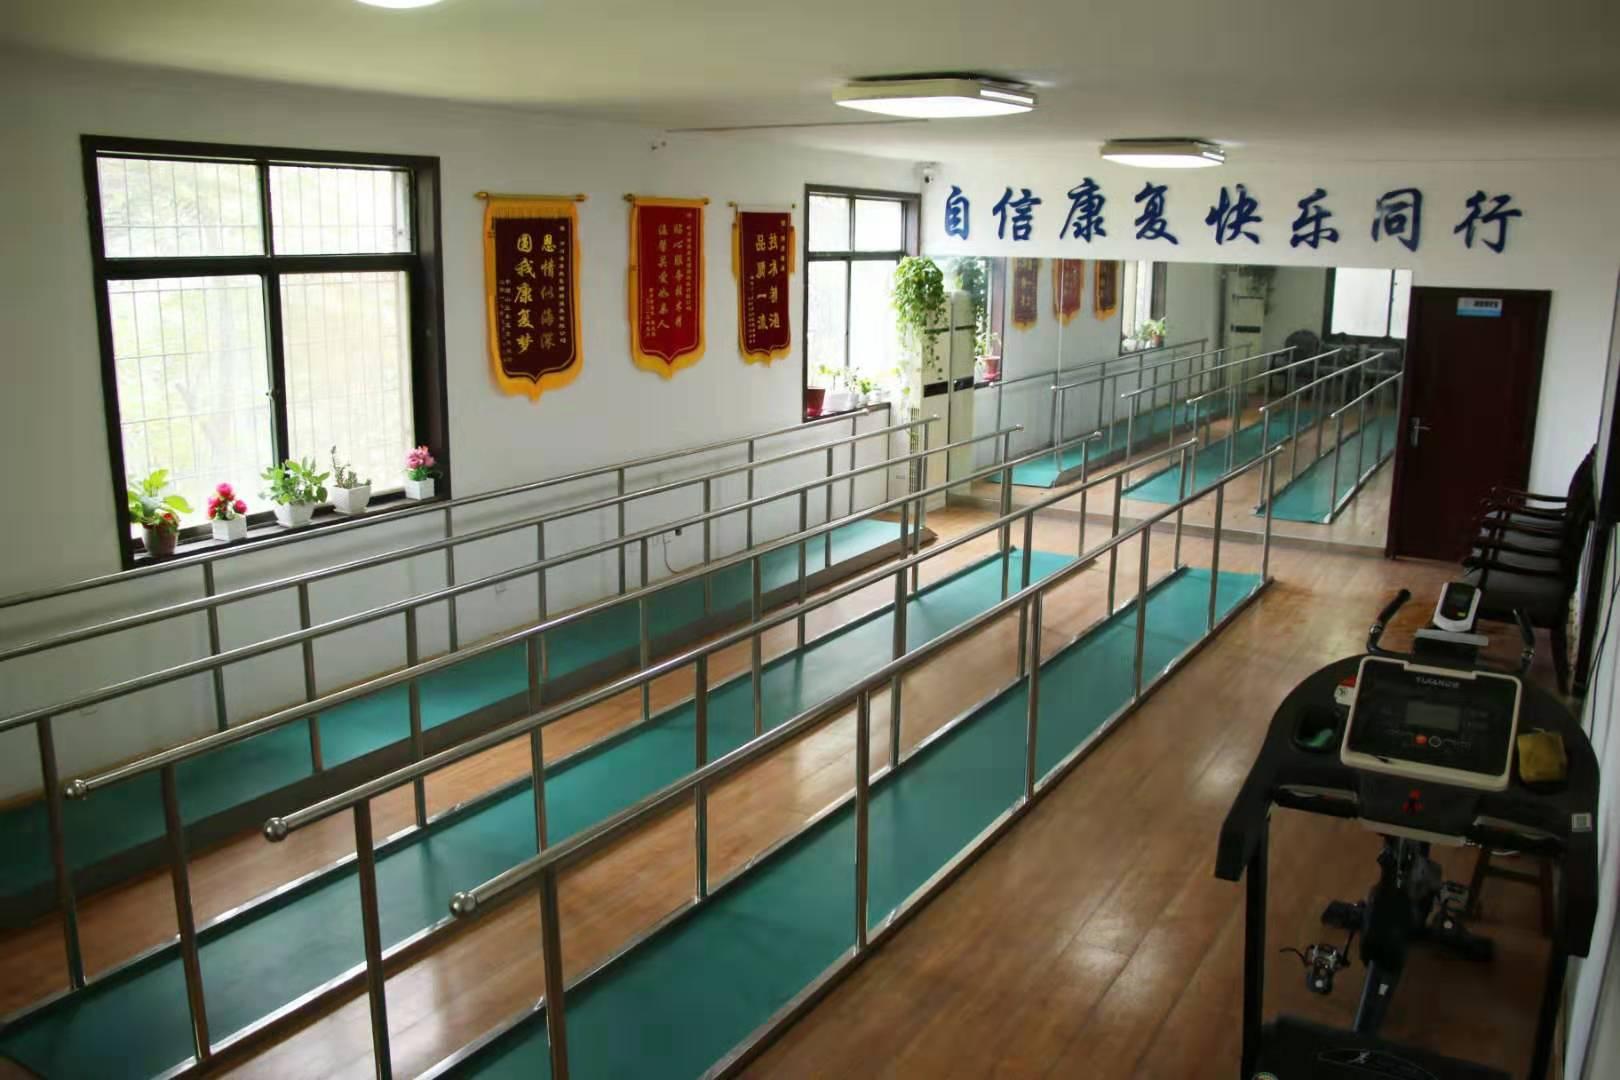 河南假肢公司康复训练大厅